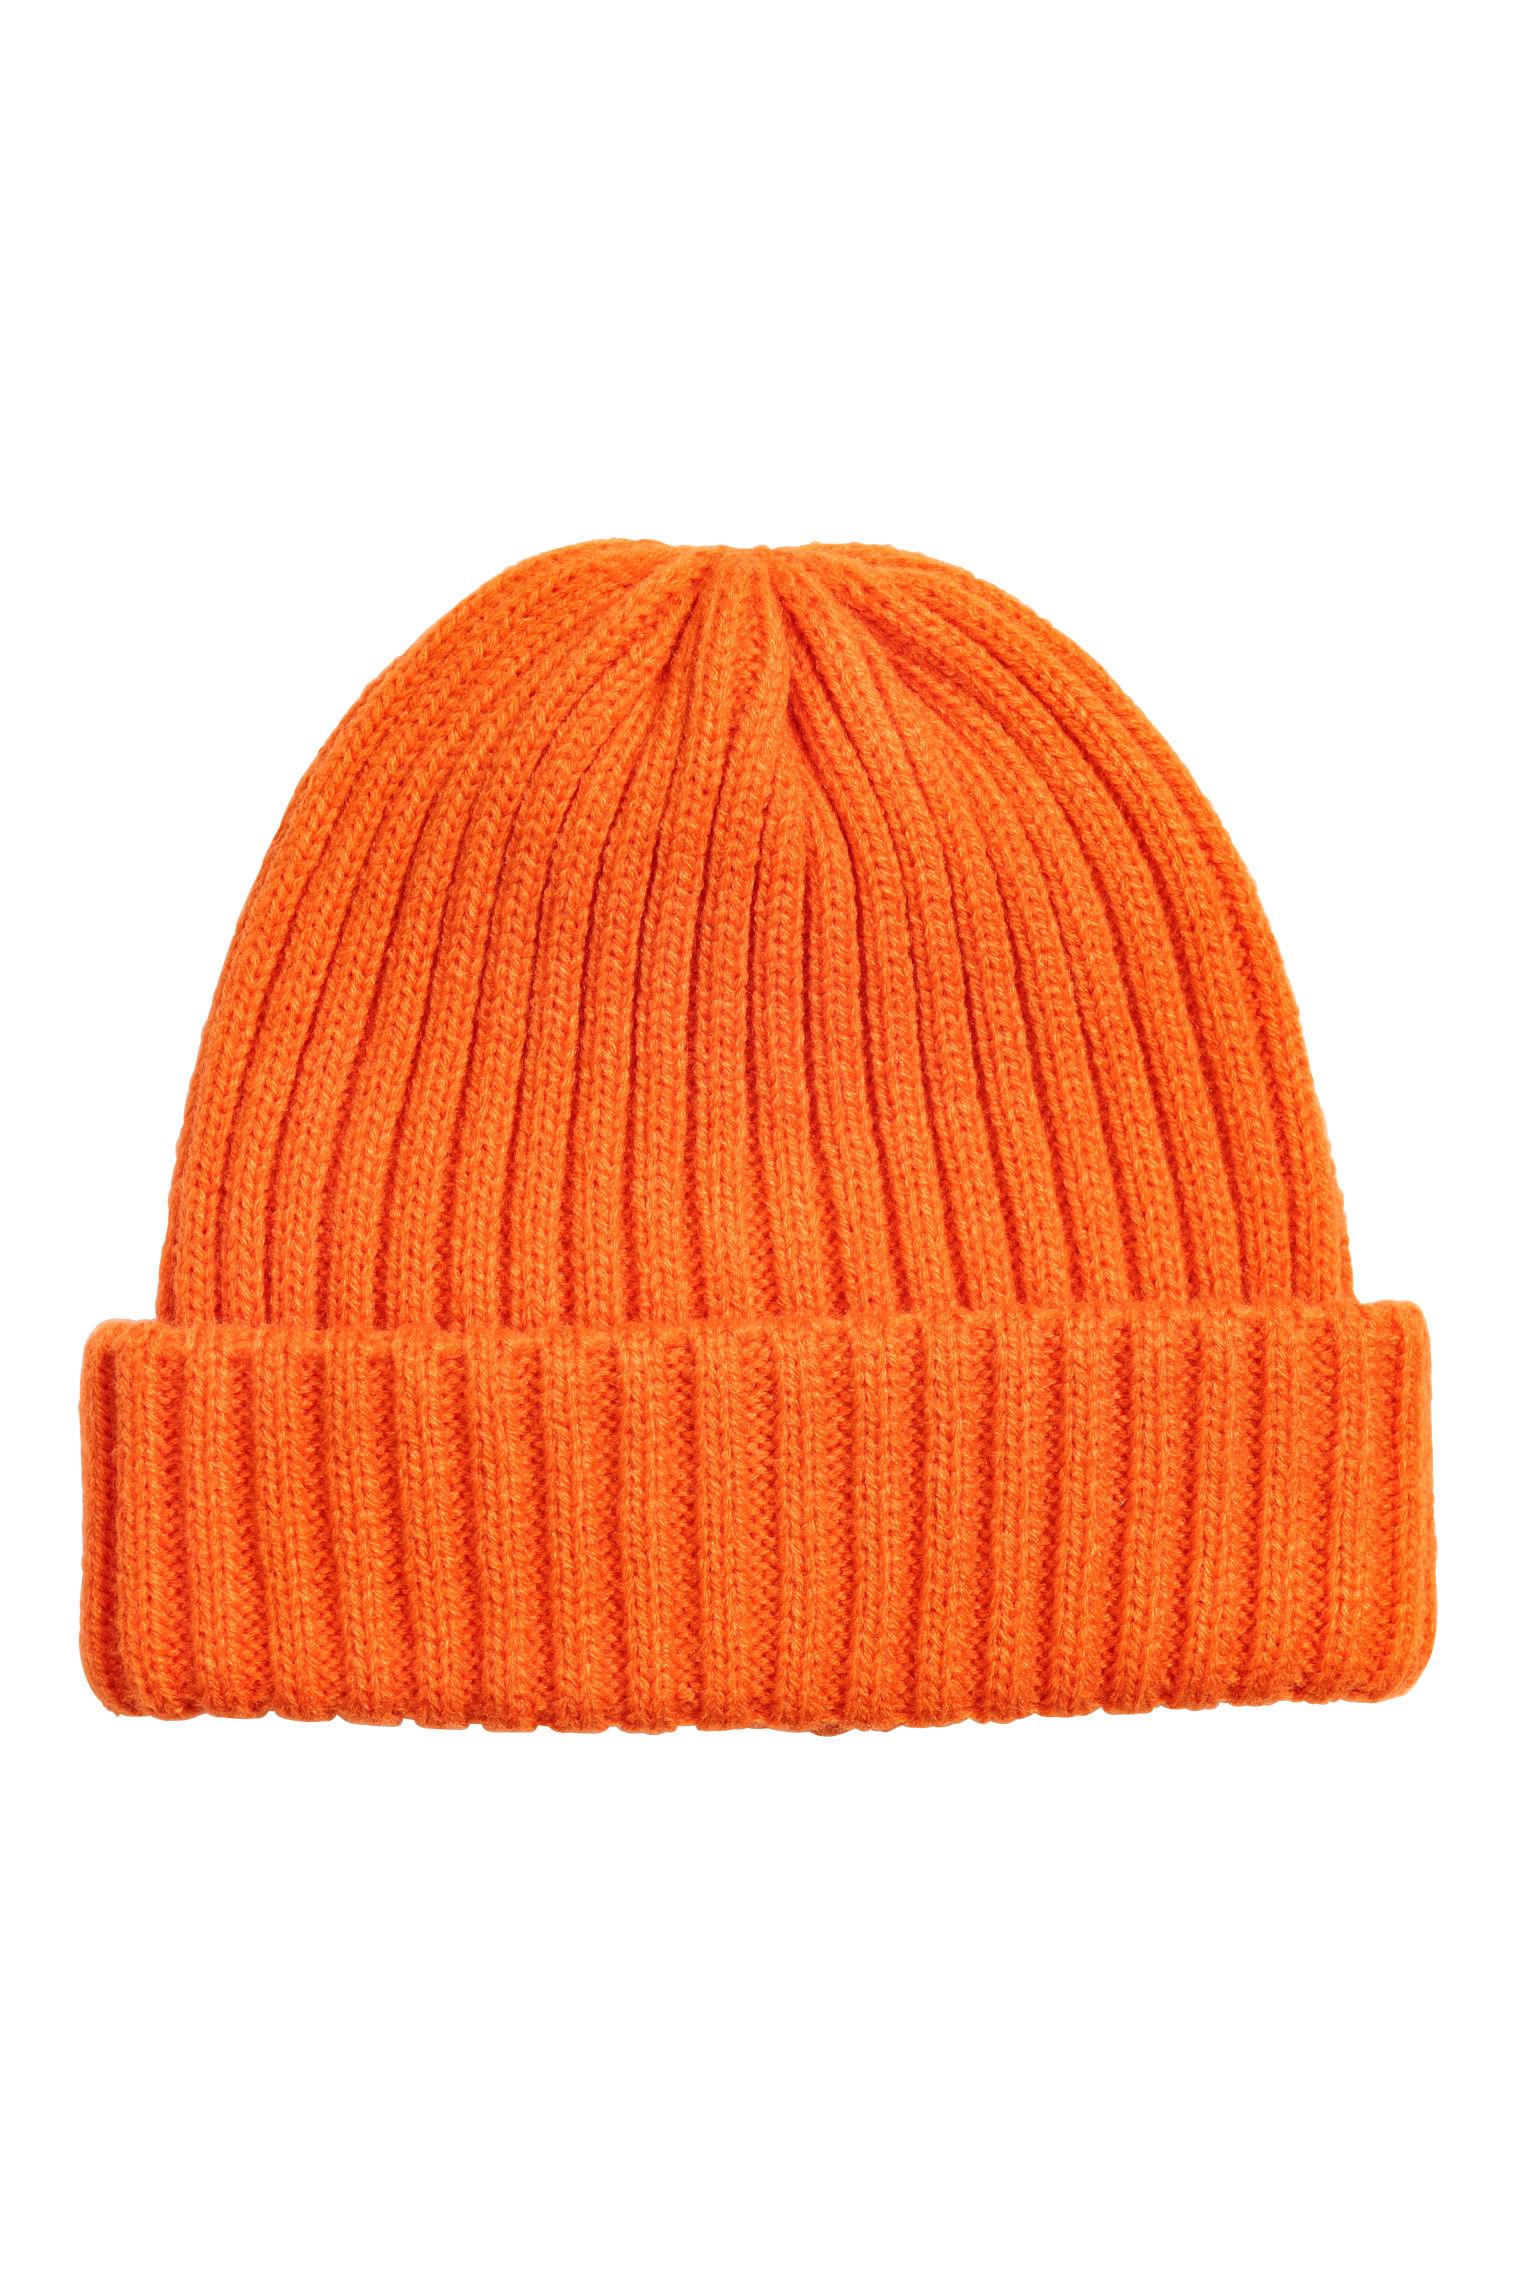 rib knit hat 0 selected=